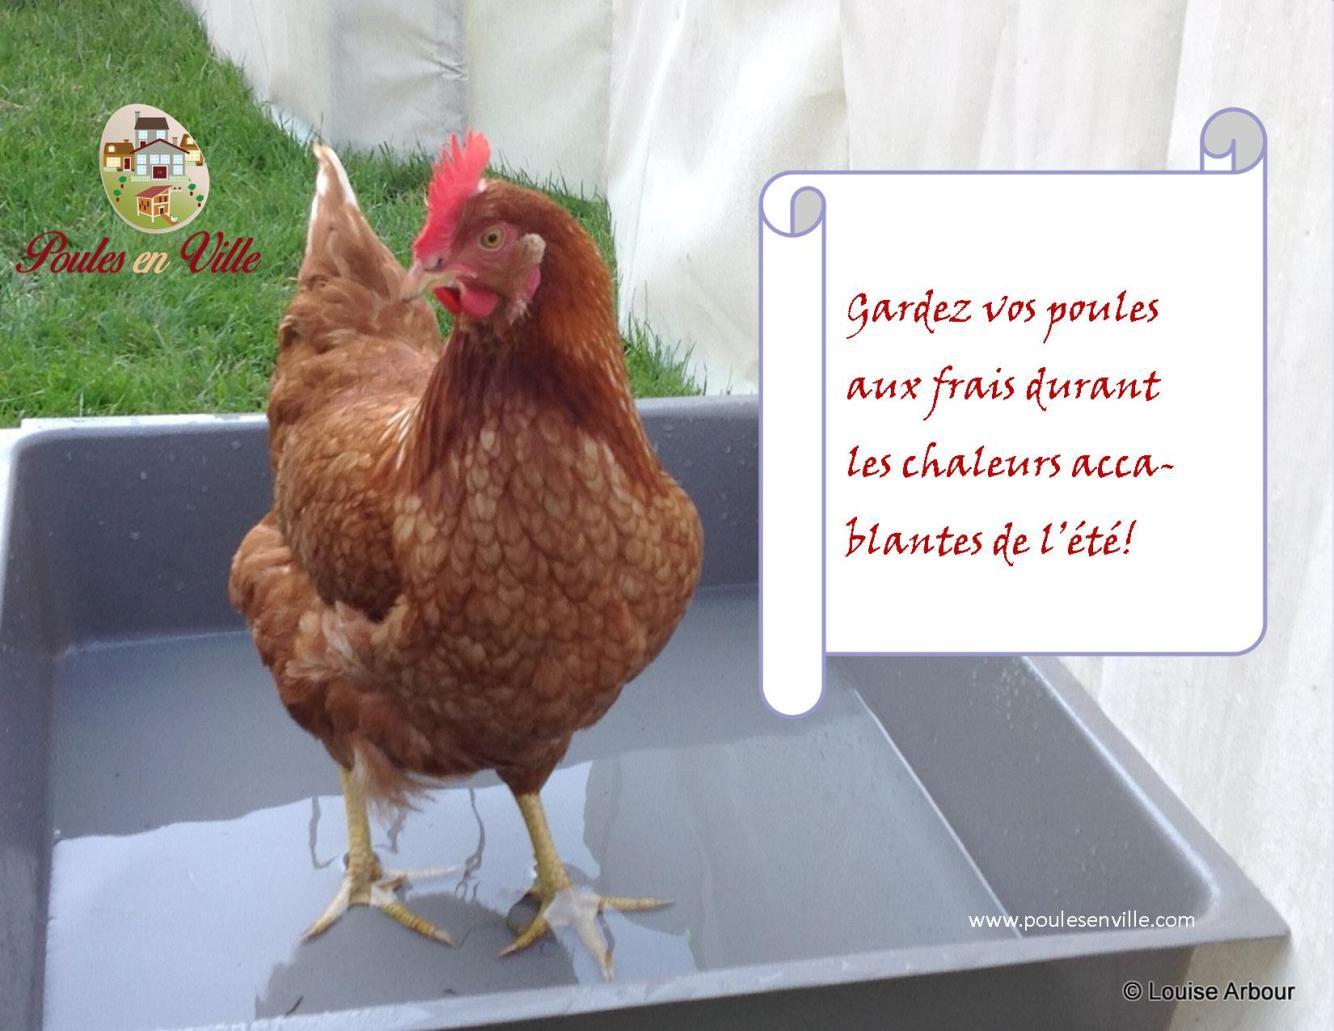 11 pourquoi les poules sont elles si sensibles la - Poules en ville reglementation ...